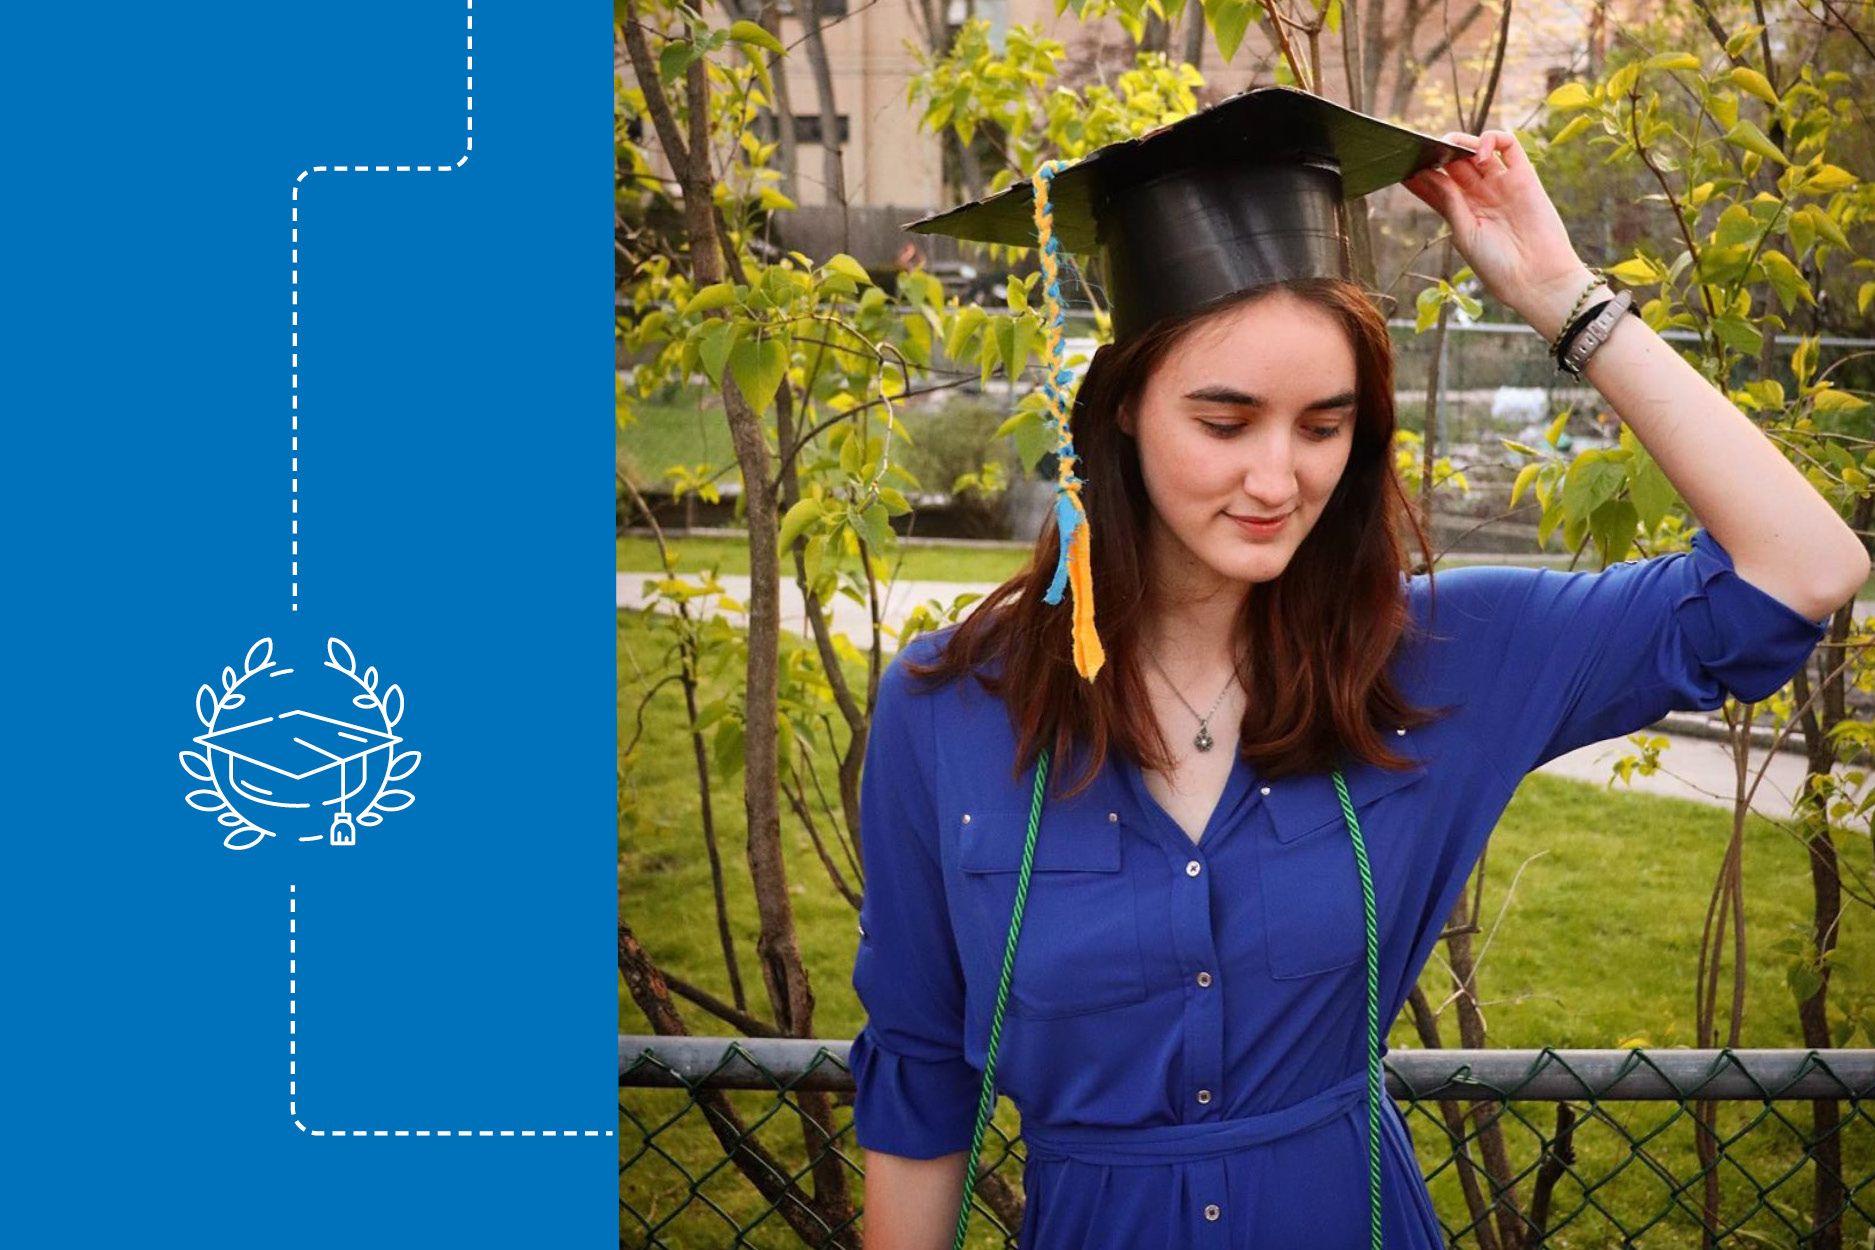 Shannon Sullivan in her graduation cap for a virtual graduation ceremony in 2020.